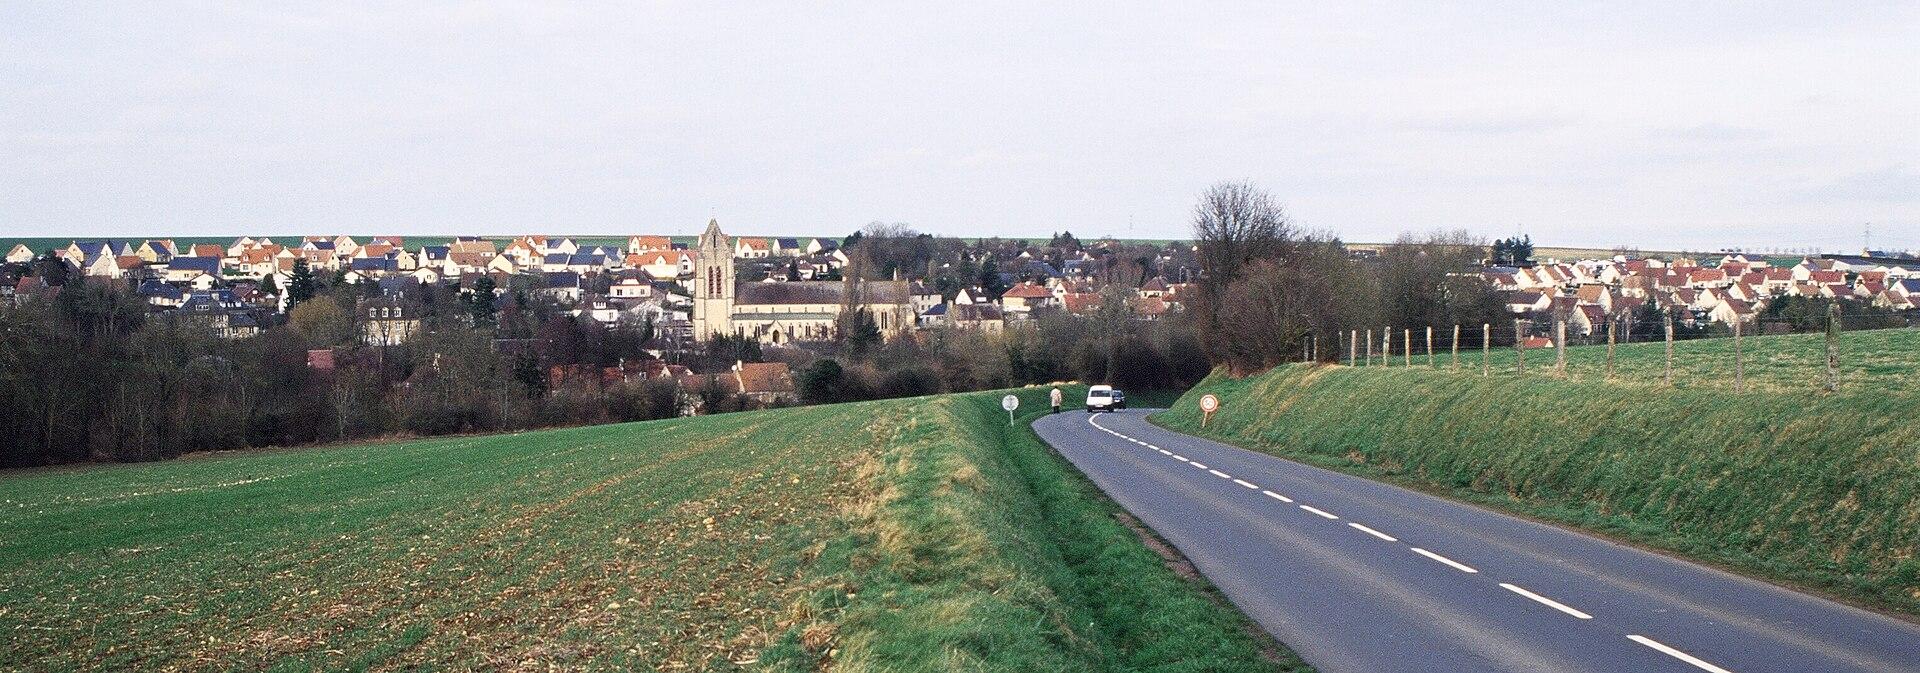 Une vue panoramique du bourg d'Évrecy.